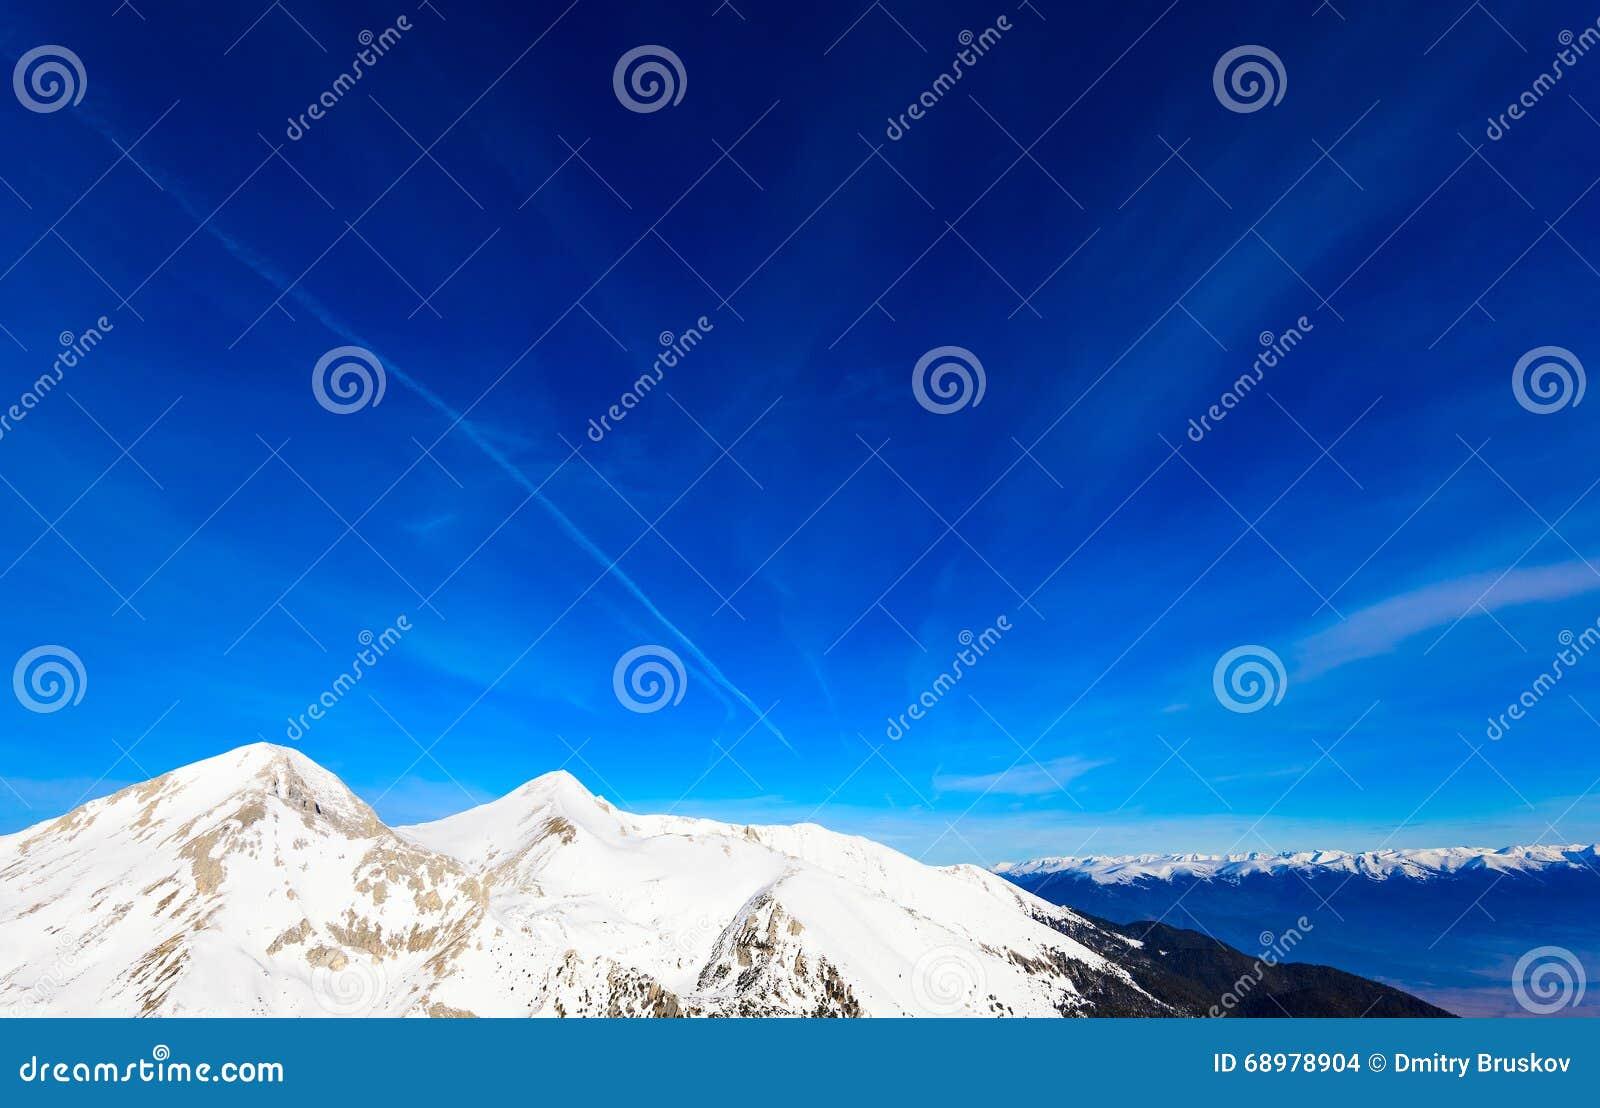 加盖的山雪